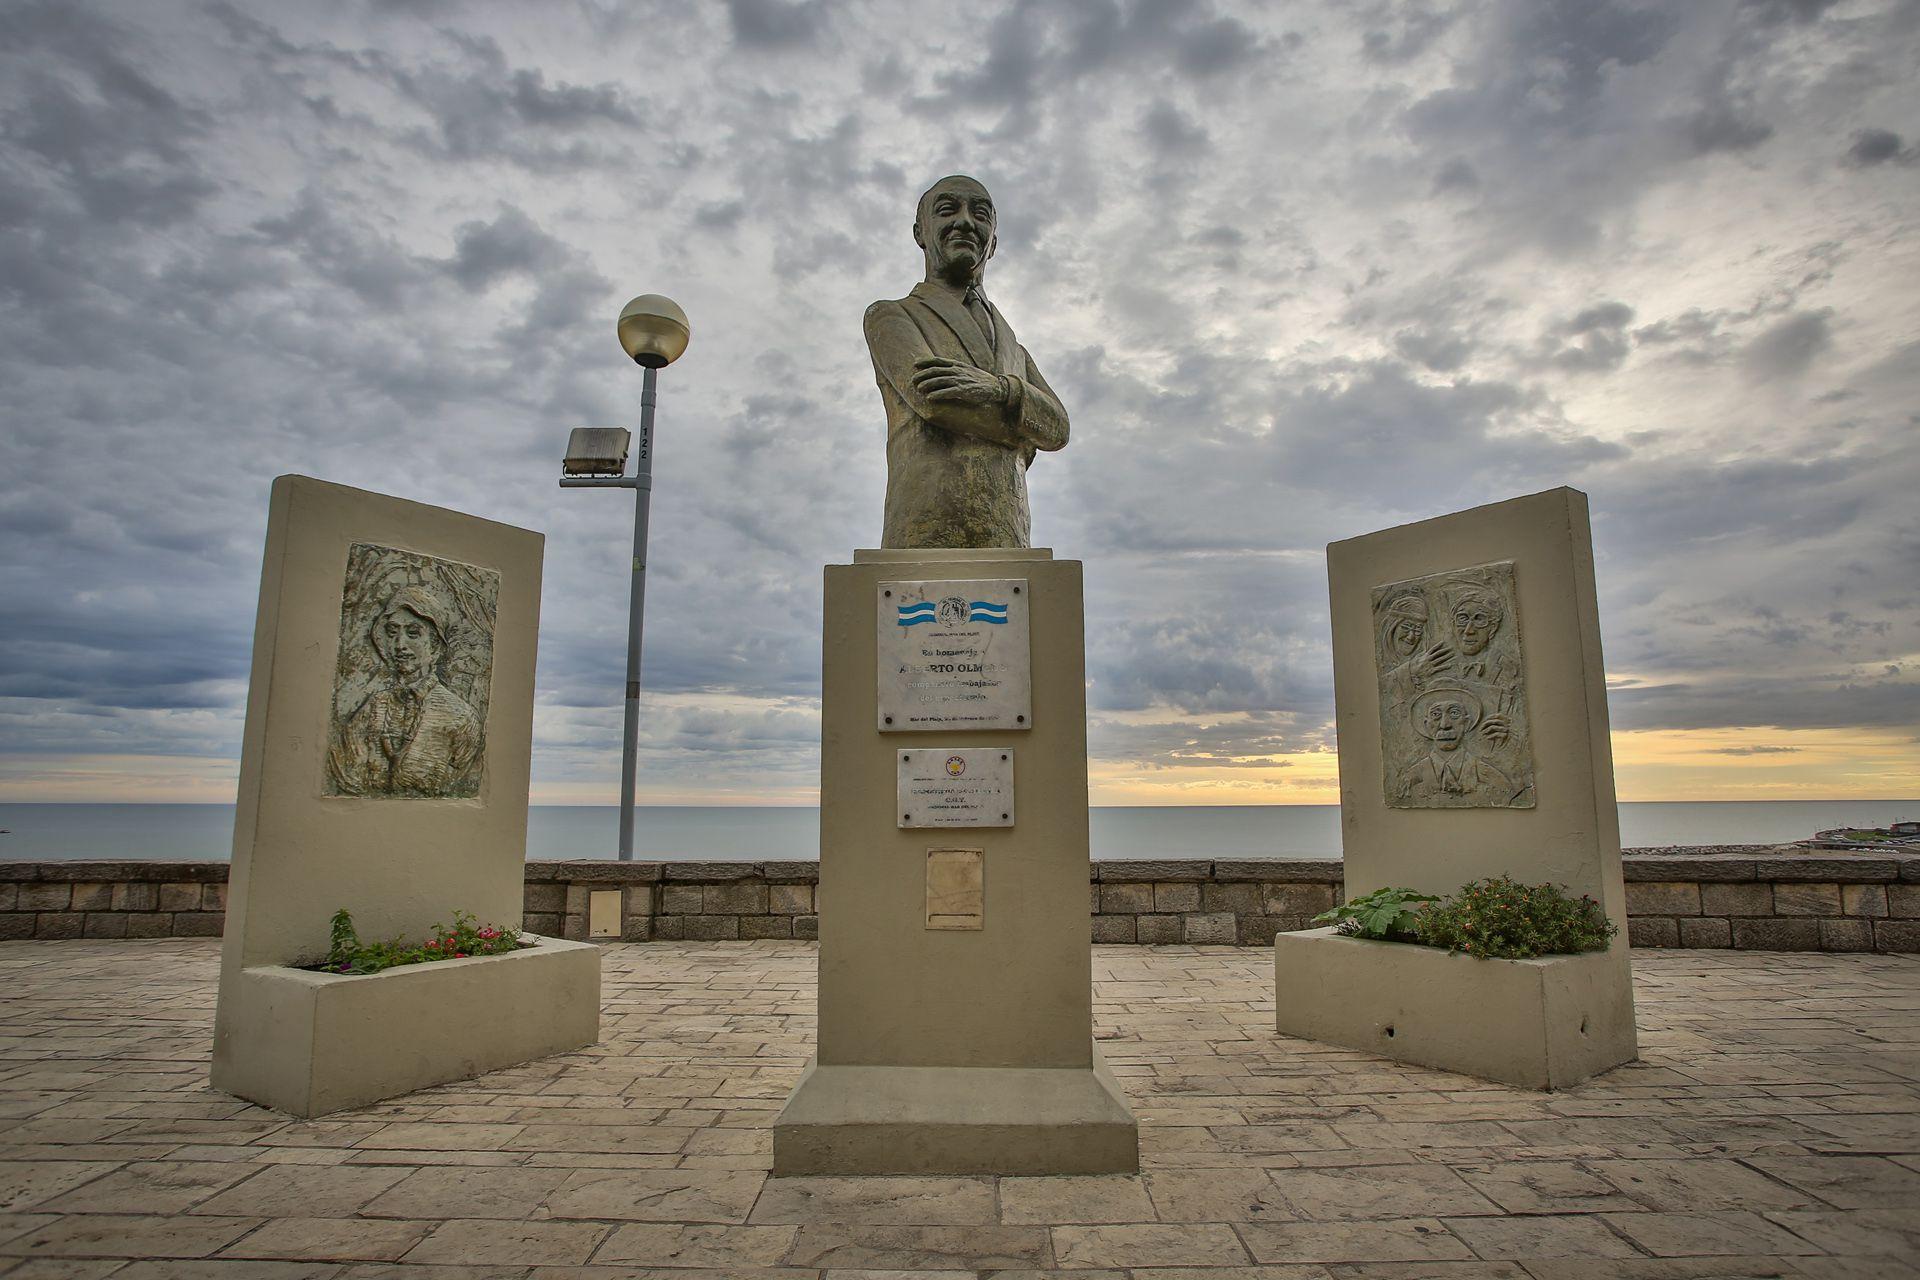 Eterno: el monumento del Negro Olmedo en Mar del Plata, ubicado a metros del lugar donde murió (Foto: Christian Heit)